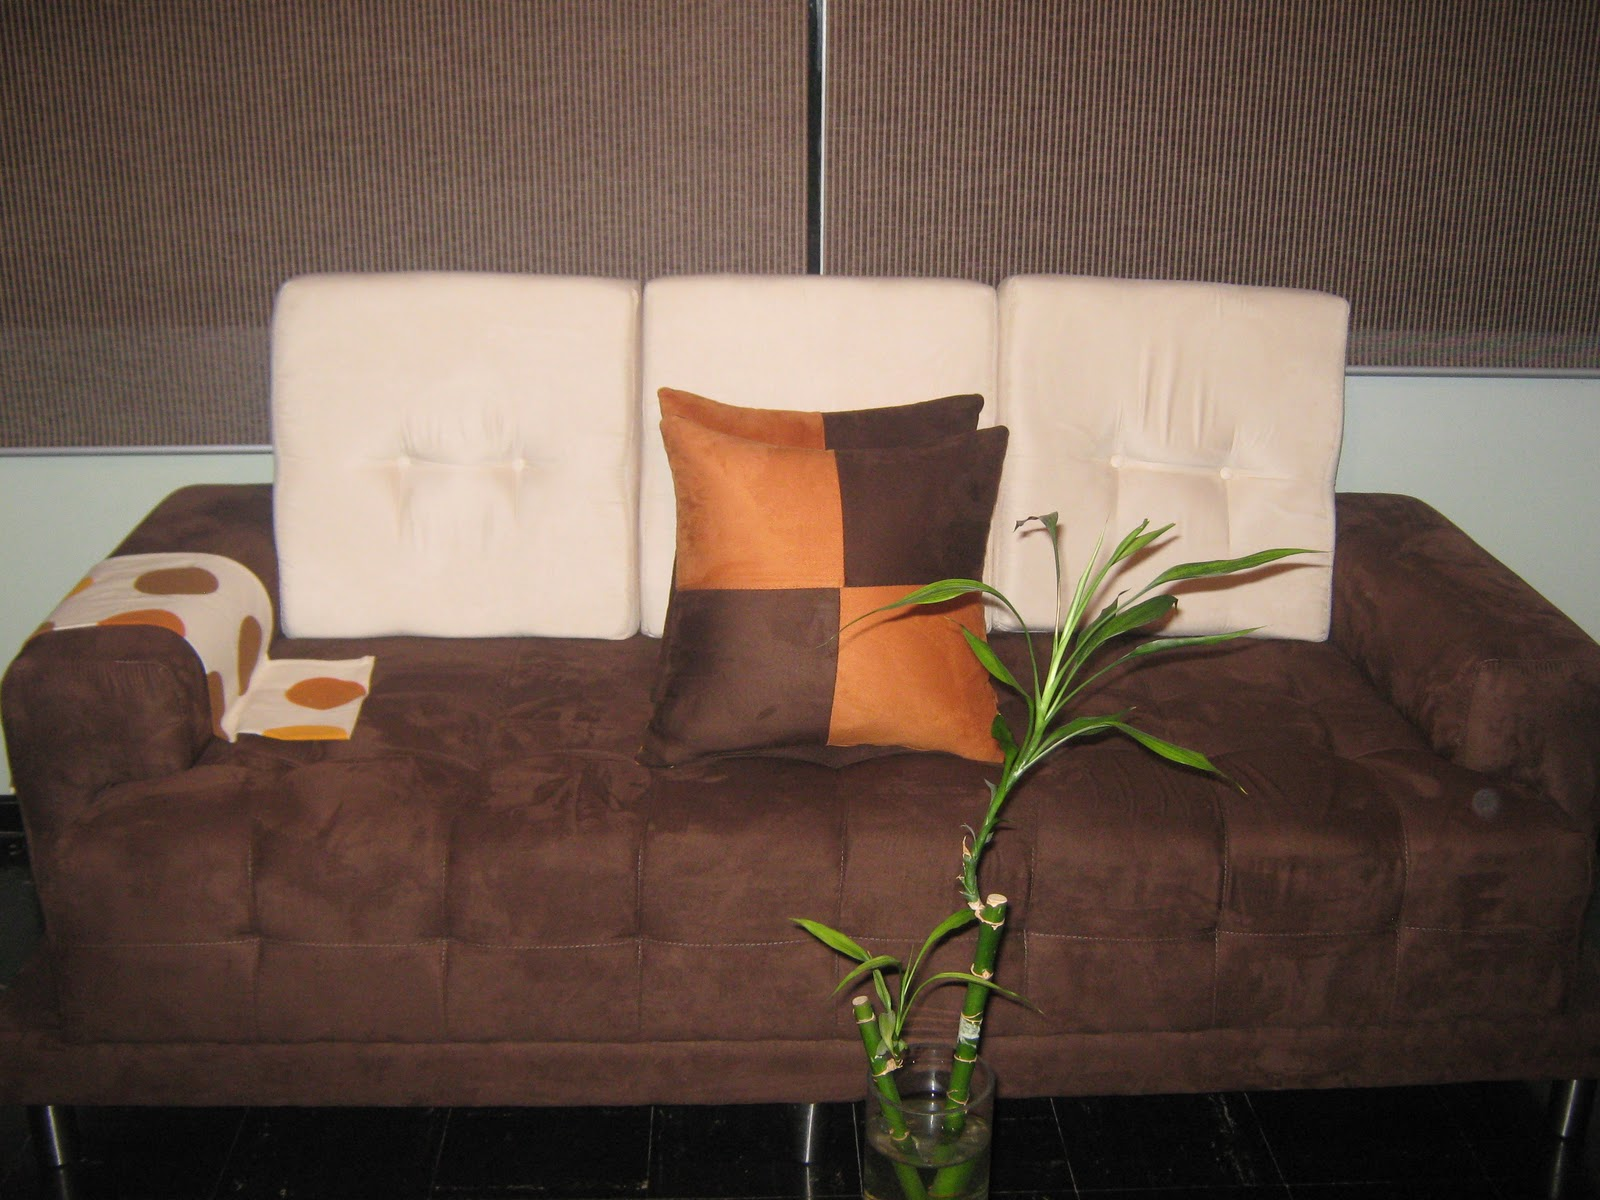 Almacen danny artek muebles y accesorios for Almacenes de muebles en bogota 12 de octubre